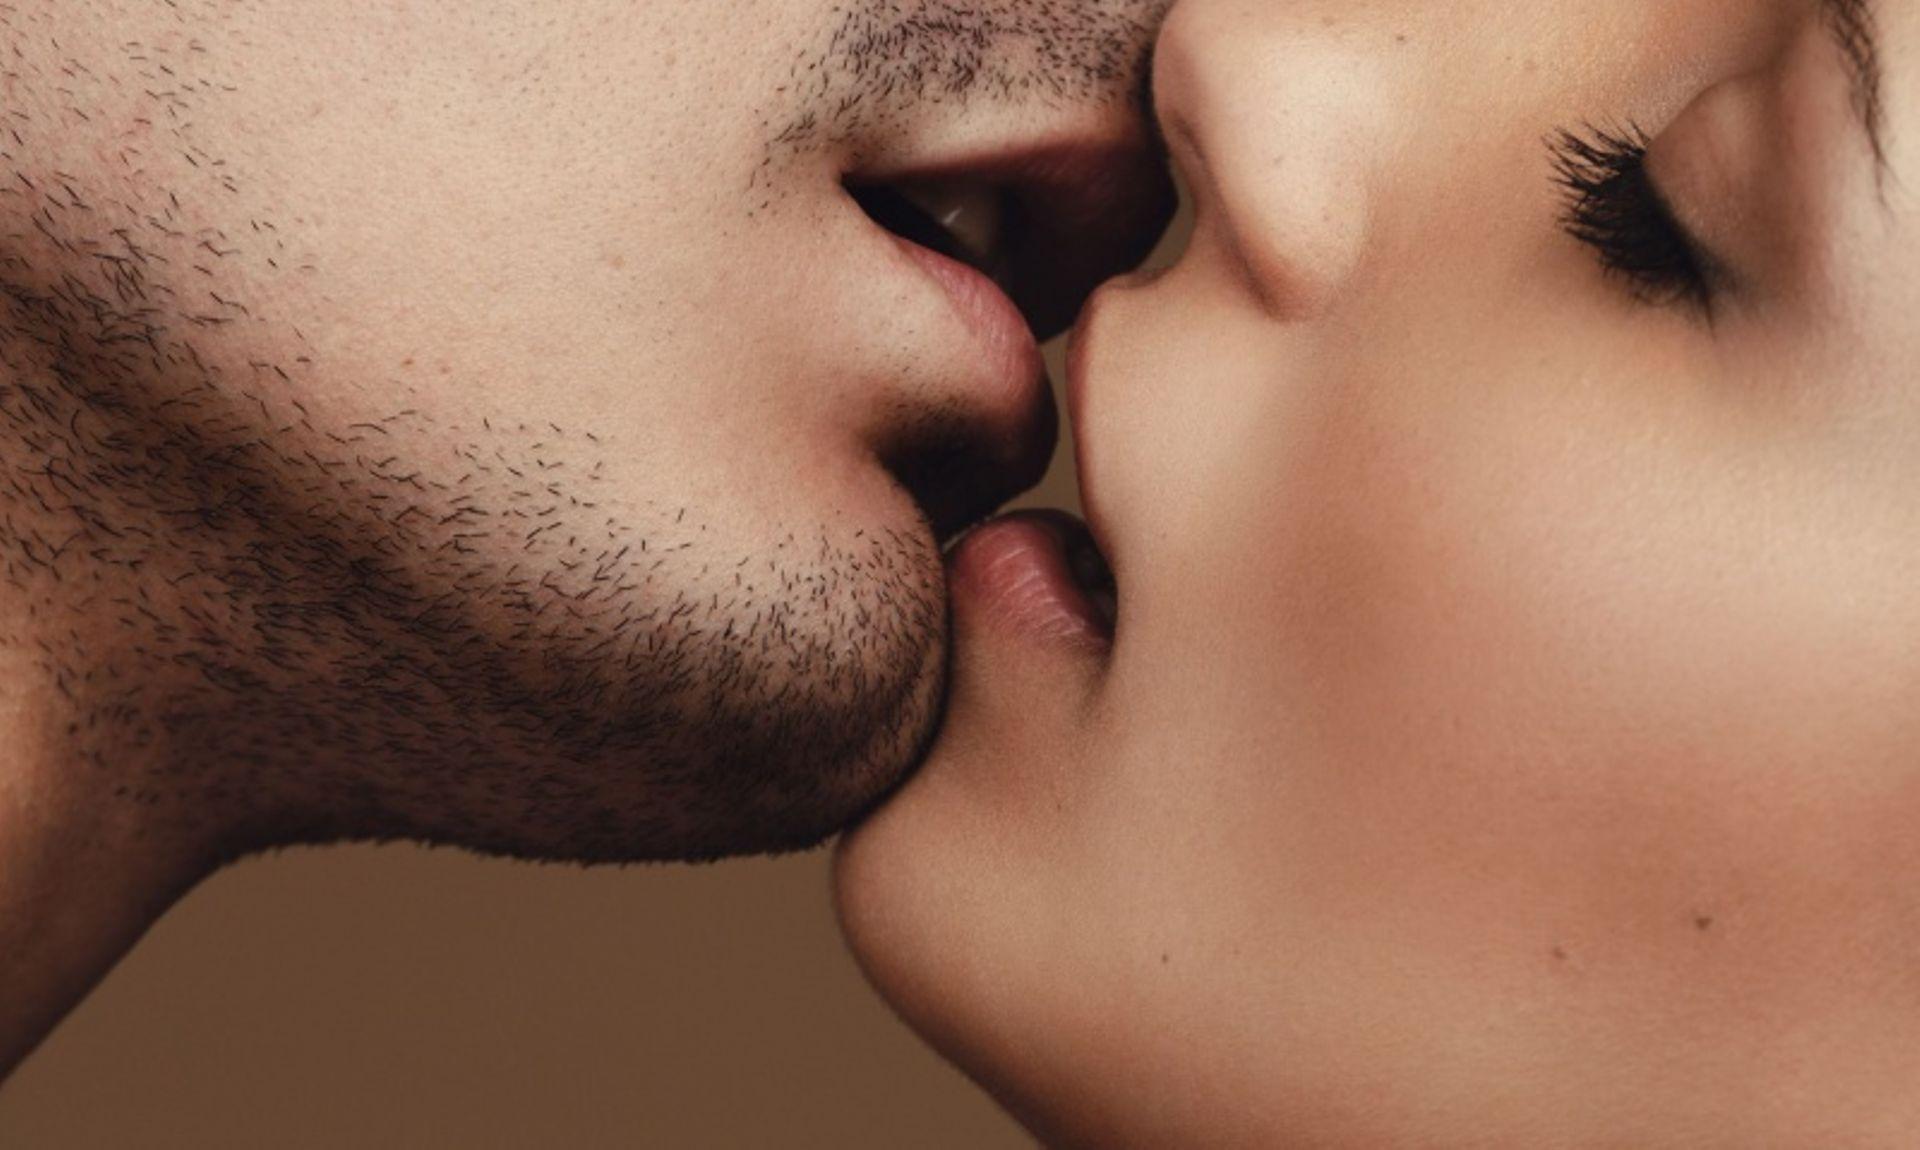 La gonorrhée peut être transmise par un simple baiser avec la langue, selon une étude